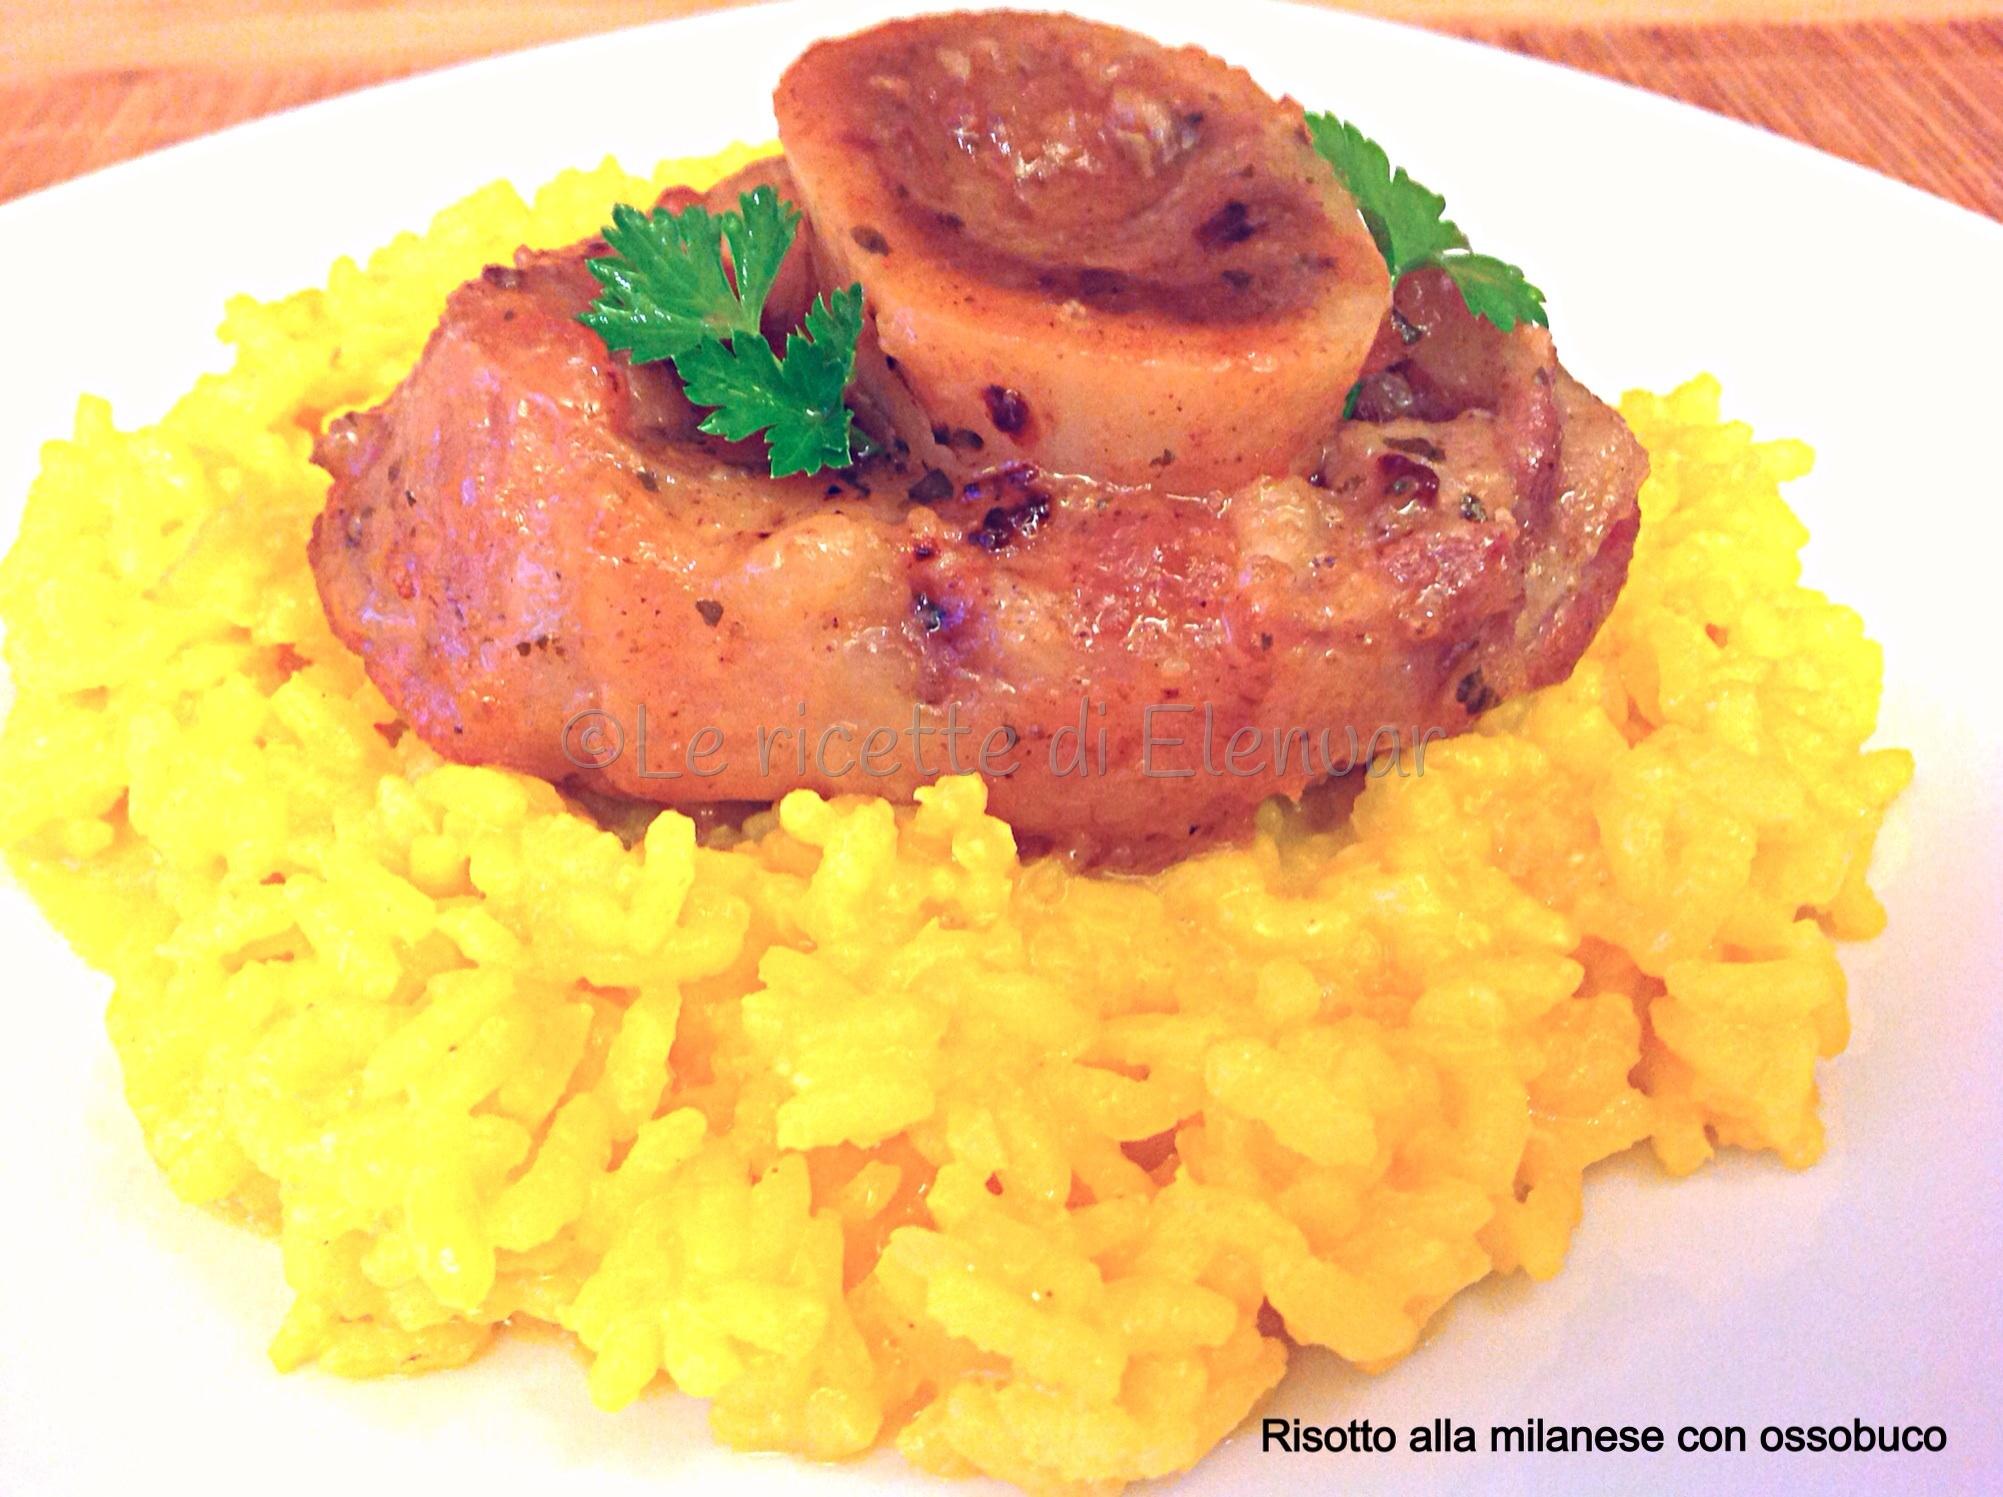 Risotto alla milanese con ossobuco for Cucinare ossobuco